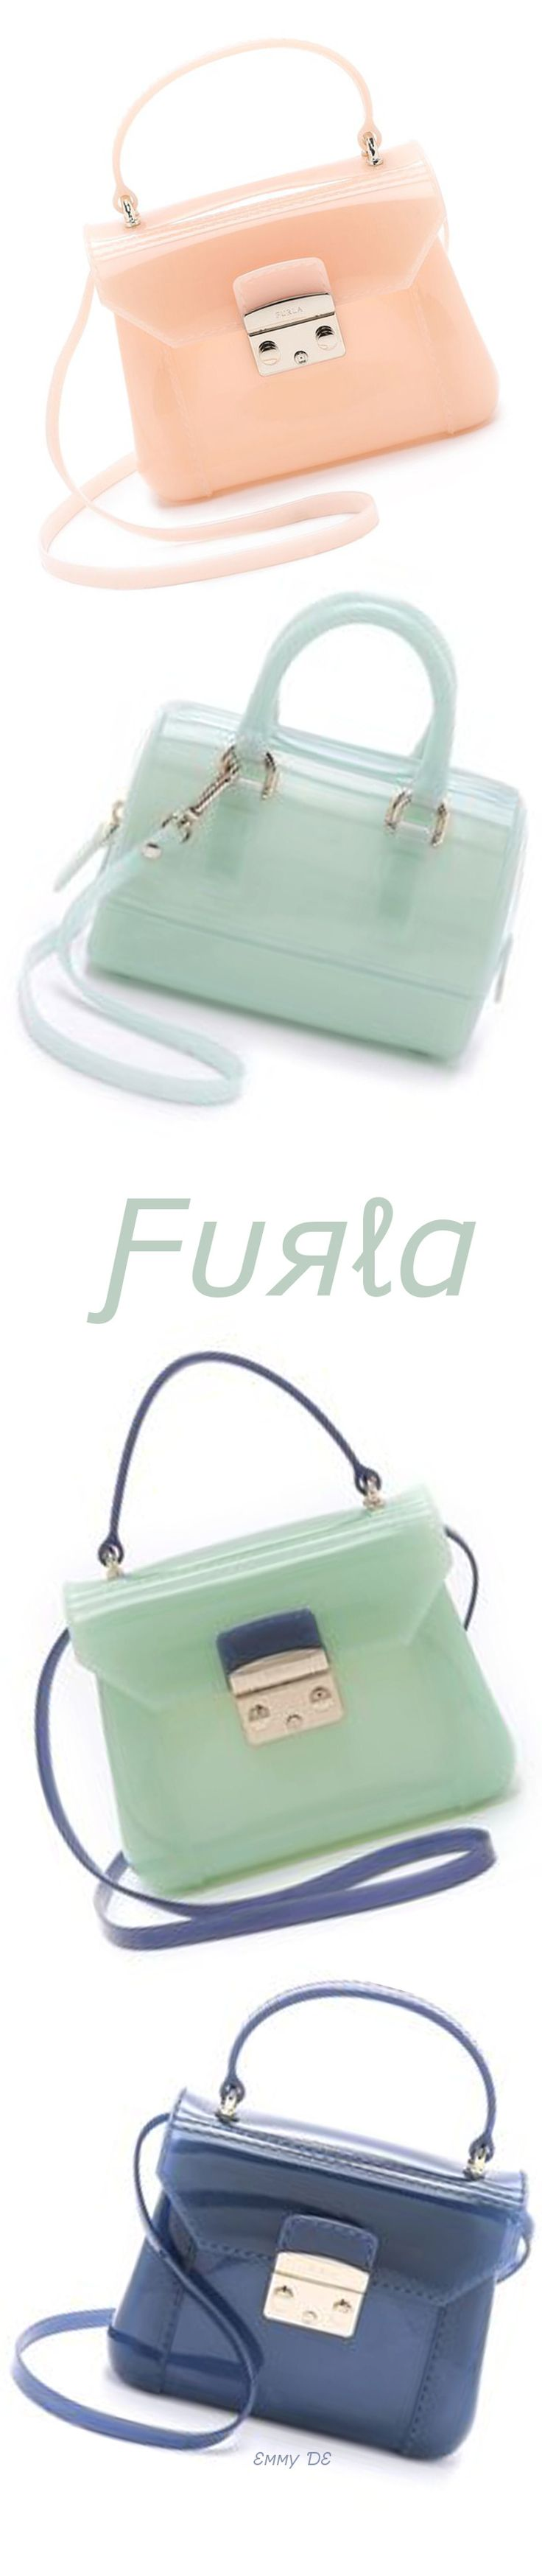 Emmy DE * FURLA Candy Bon Bon Mini Cross Body Bag #Pastels ☮k☮